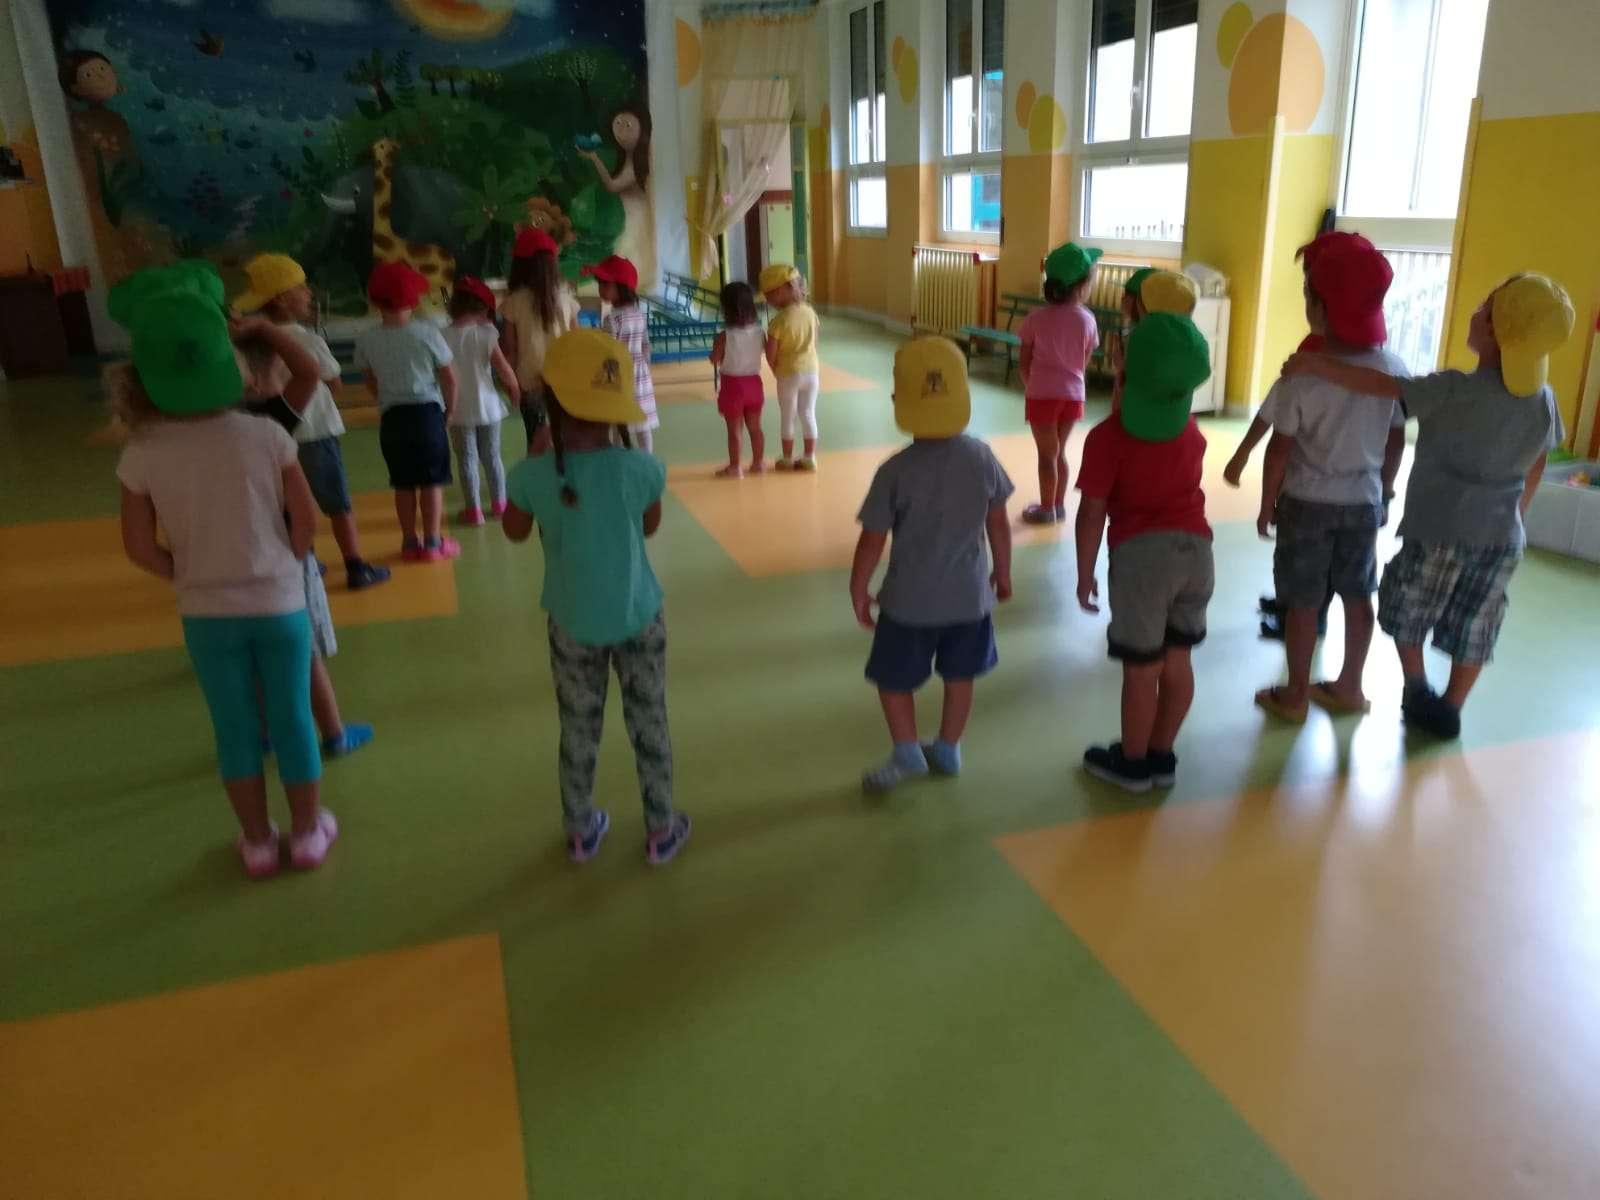 Buon Inizio a tutti - Scuola Materna Peschiera Borromeo